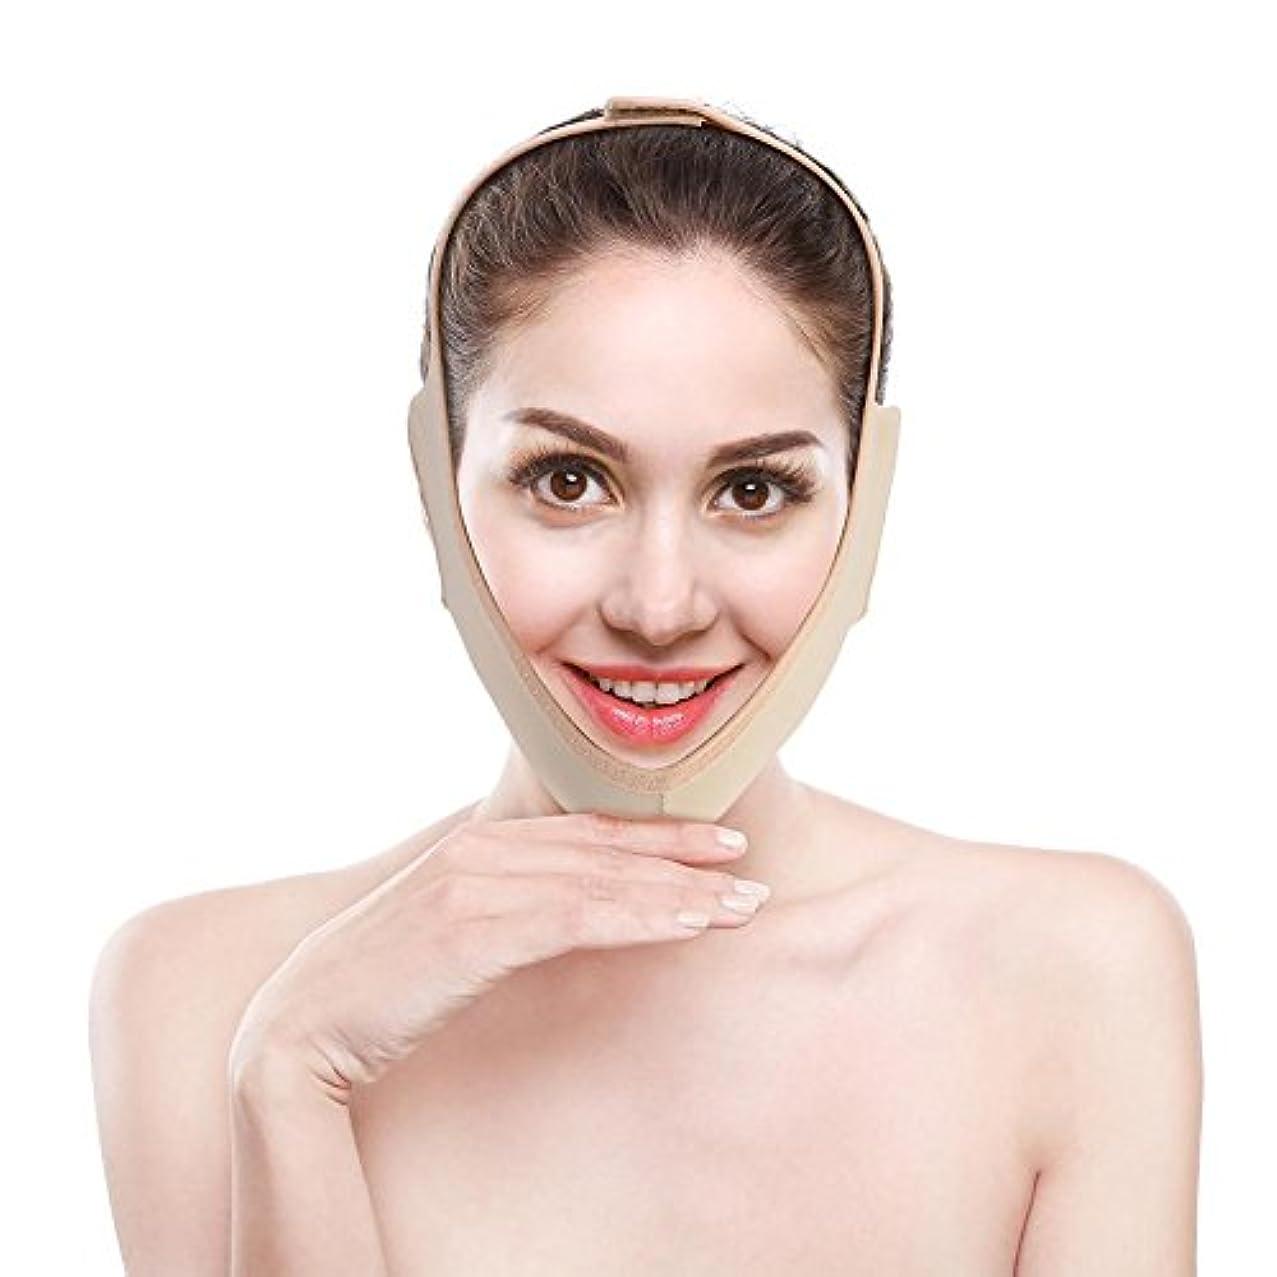 洞察力のある高めるクラウド顔の輪郭を改善するVフェイス包帯、フェイスリフト用フェイスマスク、通気性/伸縮性/非変形性(M)